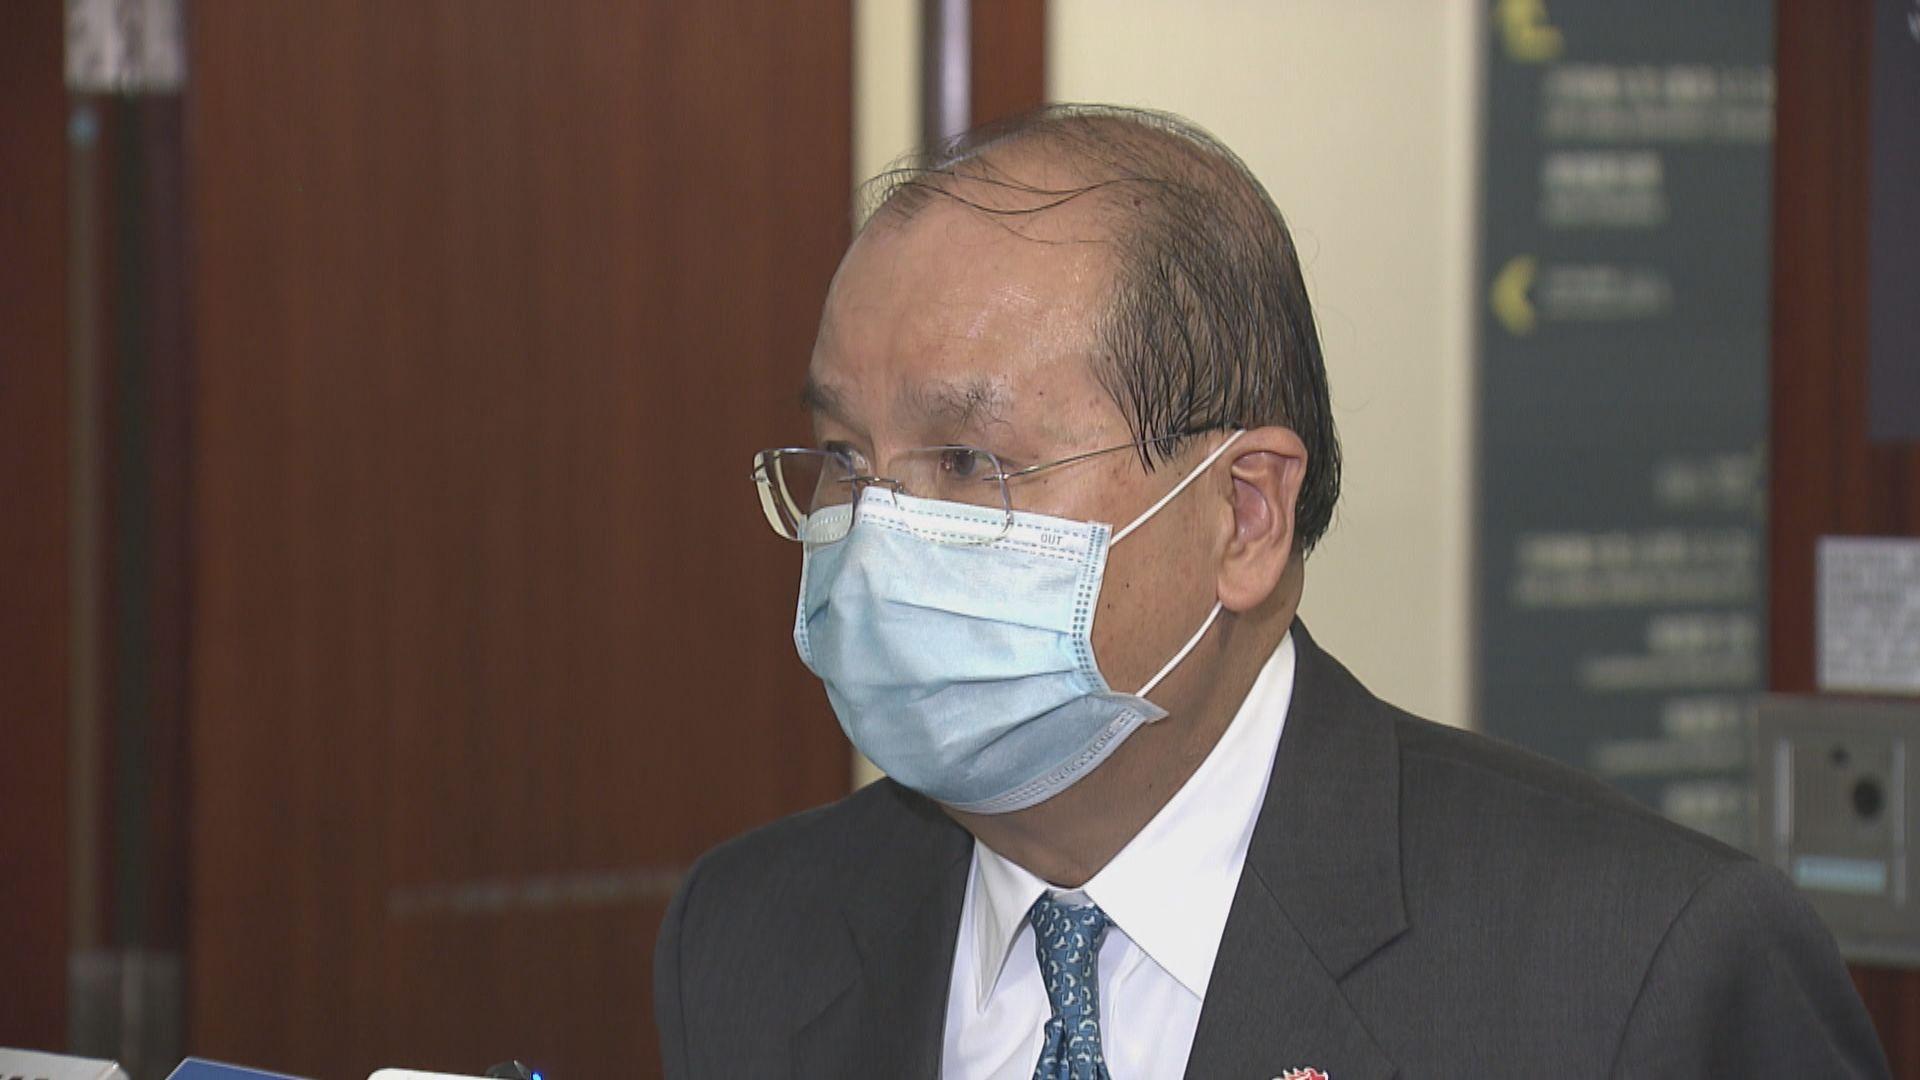 張建宗︰兩辦職能是關心香港運作